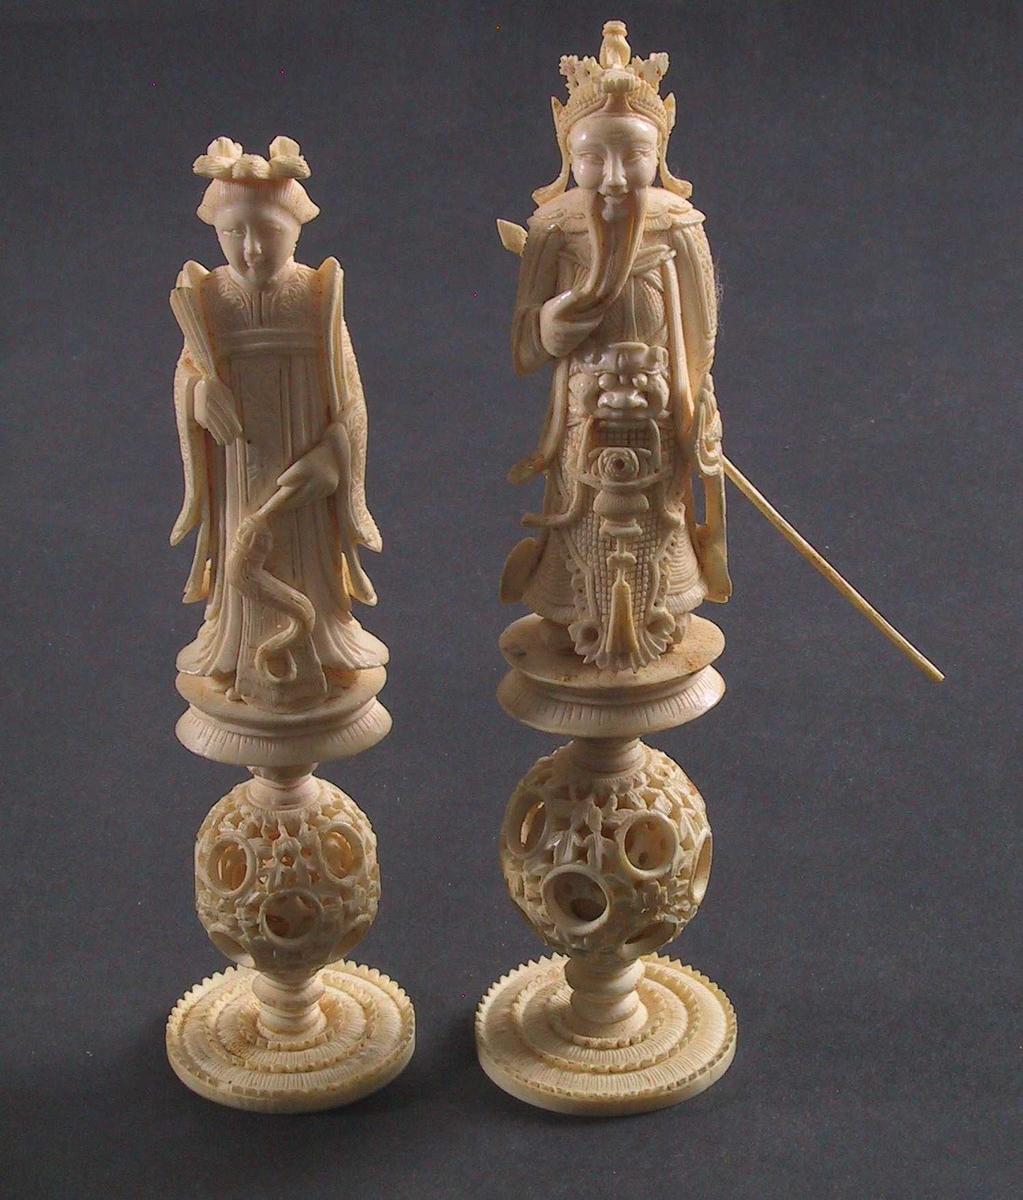 Sjakkbrett med brikker i elfenben og sinnoberfarget  elfenben Kina, 2.halvdel 1800 årene .  a) Sjakkbrett med tarok (eller likn) på innsiden.  lakkarbeid, sjakkbrett i sort og  gull. innvendig i sort, gull og rødt. På kanten: på hver side to paneler, begge med to menn. sort og gull. H. sammenlukket a 7.5.  Åpent 42,3 x 42,3 30 brikker, derav 14 hvite. Alle brikker er like, bortsett fra Kongen og Dronningen, som er forskjellig utformet. Av de flagg i toppen) og en av de små ryttere. Alle brikker står på føtter med en kule som er løs i en utskåret ytterkule (mys 15,4 og 15,5. H.ryttere 11. Tilstand: utmerket. En rytter løsnet fra kule og fot. Brettet har noen små skall i kanten i lakken. To hvite brikker mangler, en bonde og ett tårn.